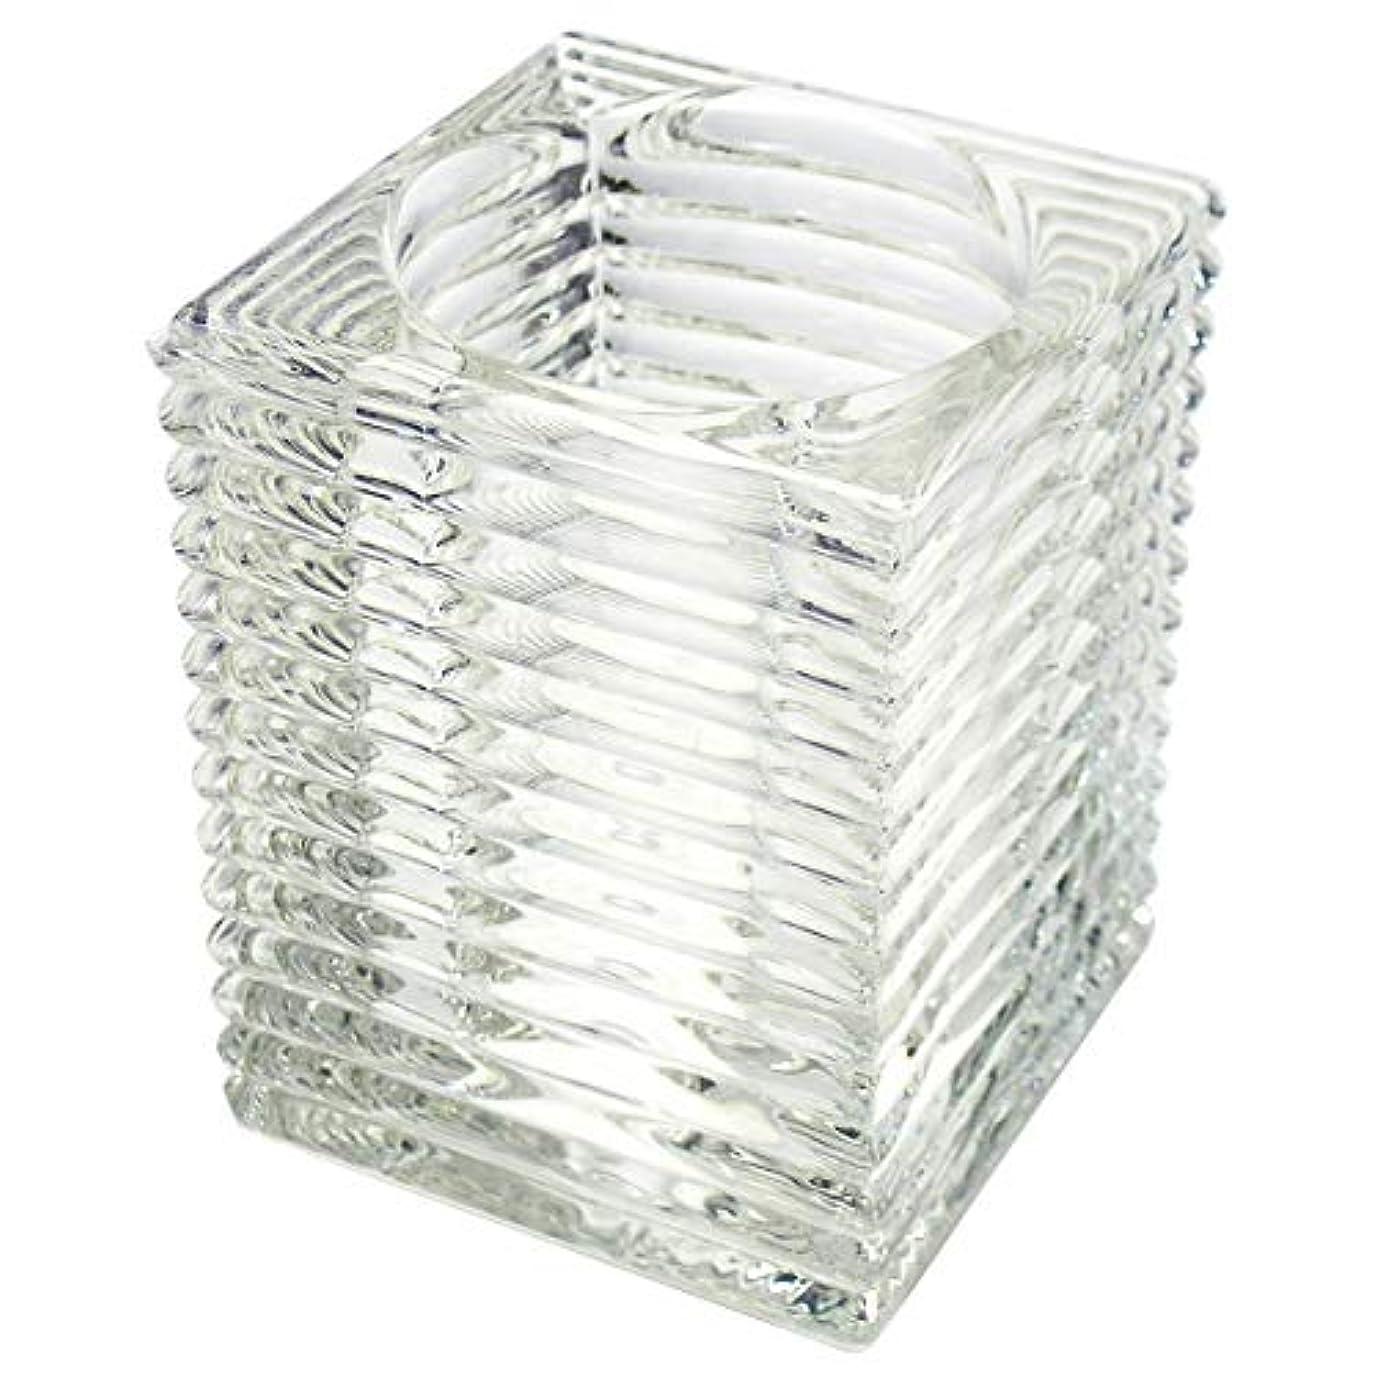 ヒステリックパークパークキャンドルホルダー ガラス6 キャンドルスタンド ろうそく立て ティーライトキャンドル ティーキャンドル